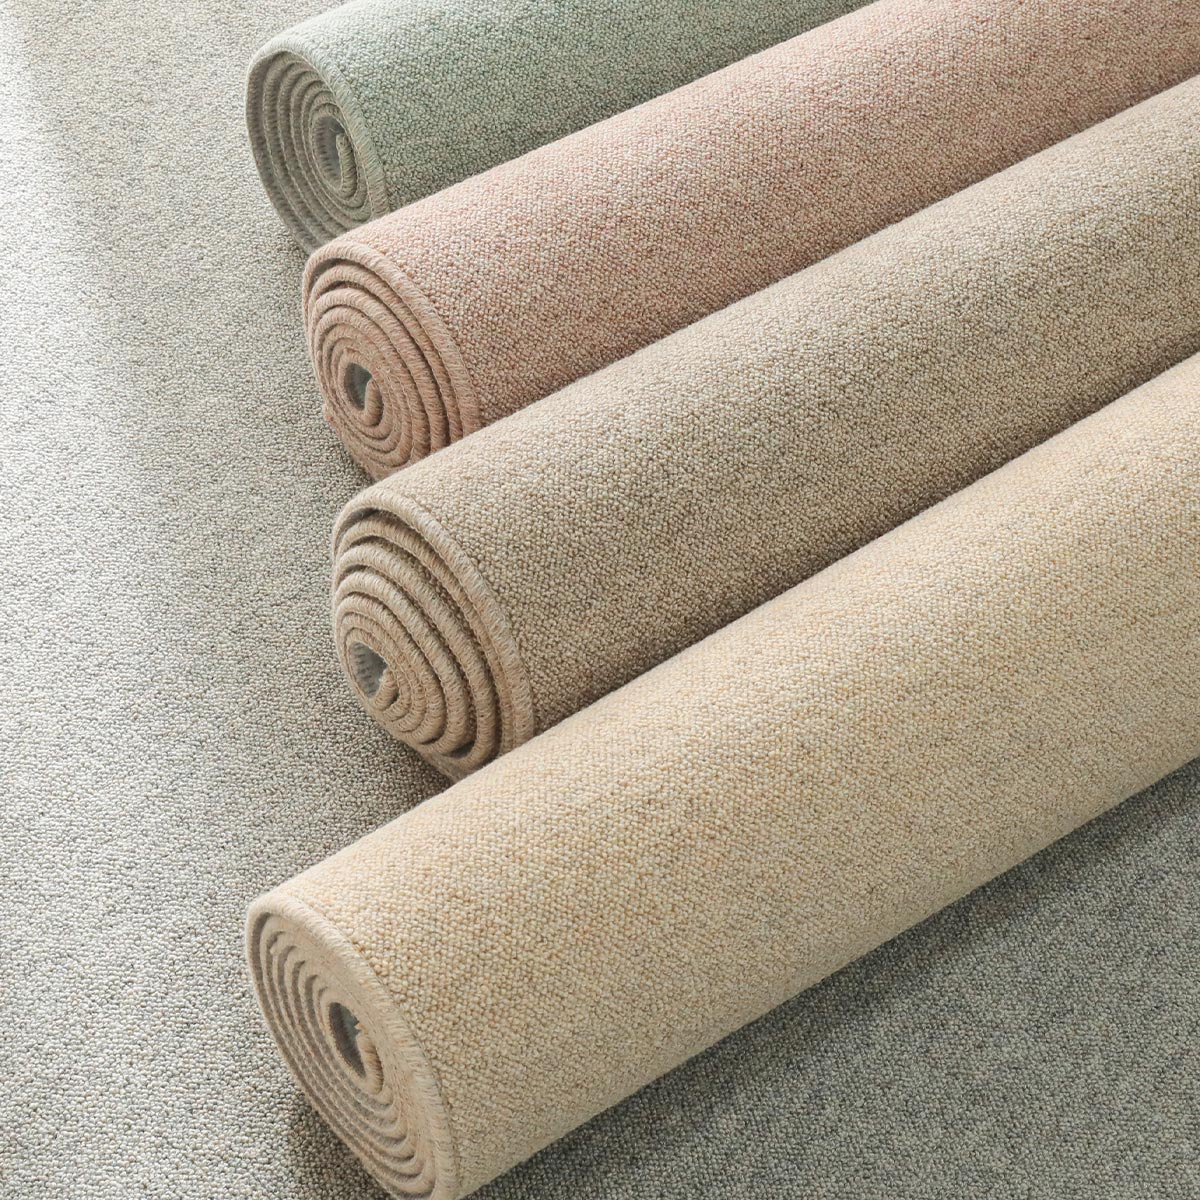 ウール100%ミックスパイル 日本製カーペット『テアトル』